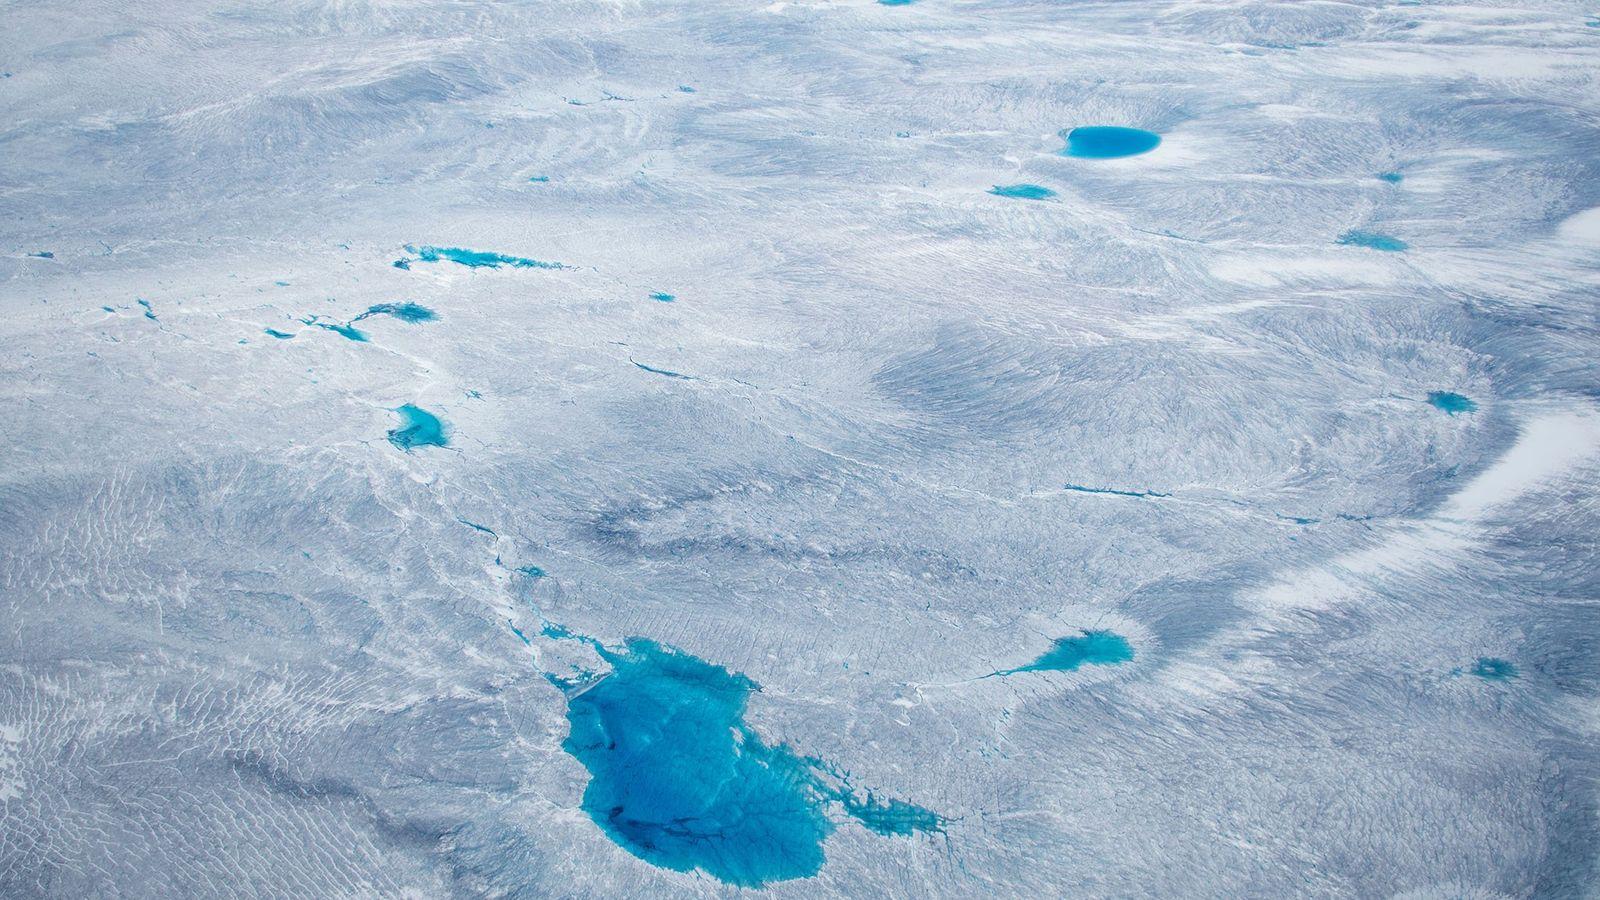 Le Groenland est recouvert d'un vaste inlandsis, mais pour combien de temps ?